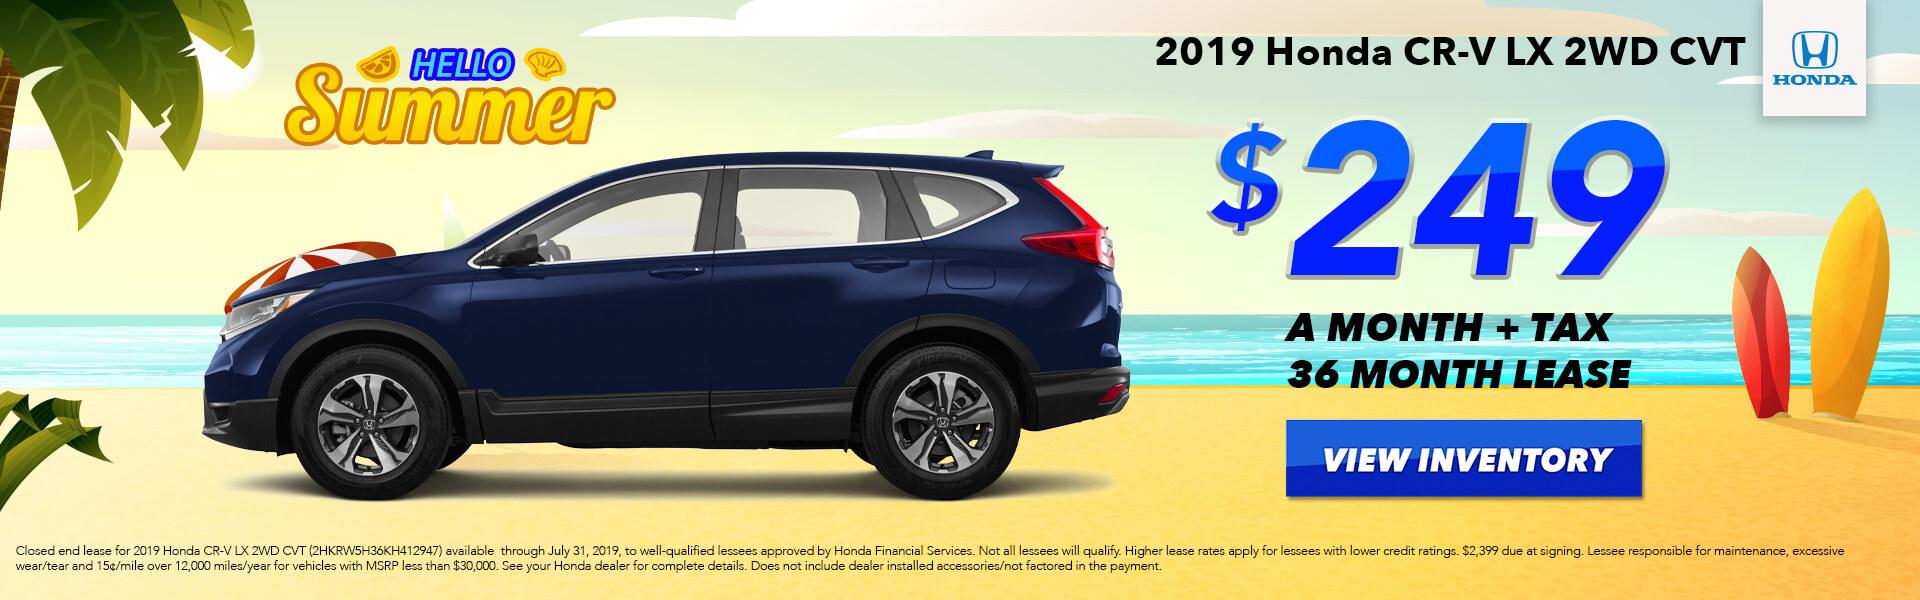 2019 Honda CR-V LX Lease for $249